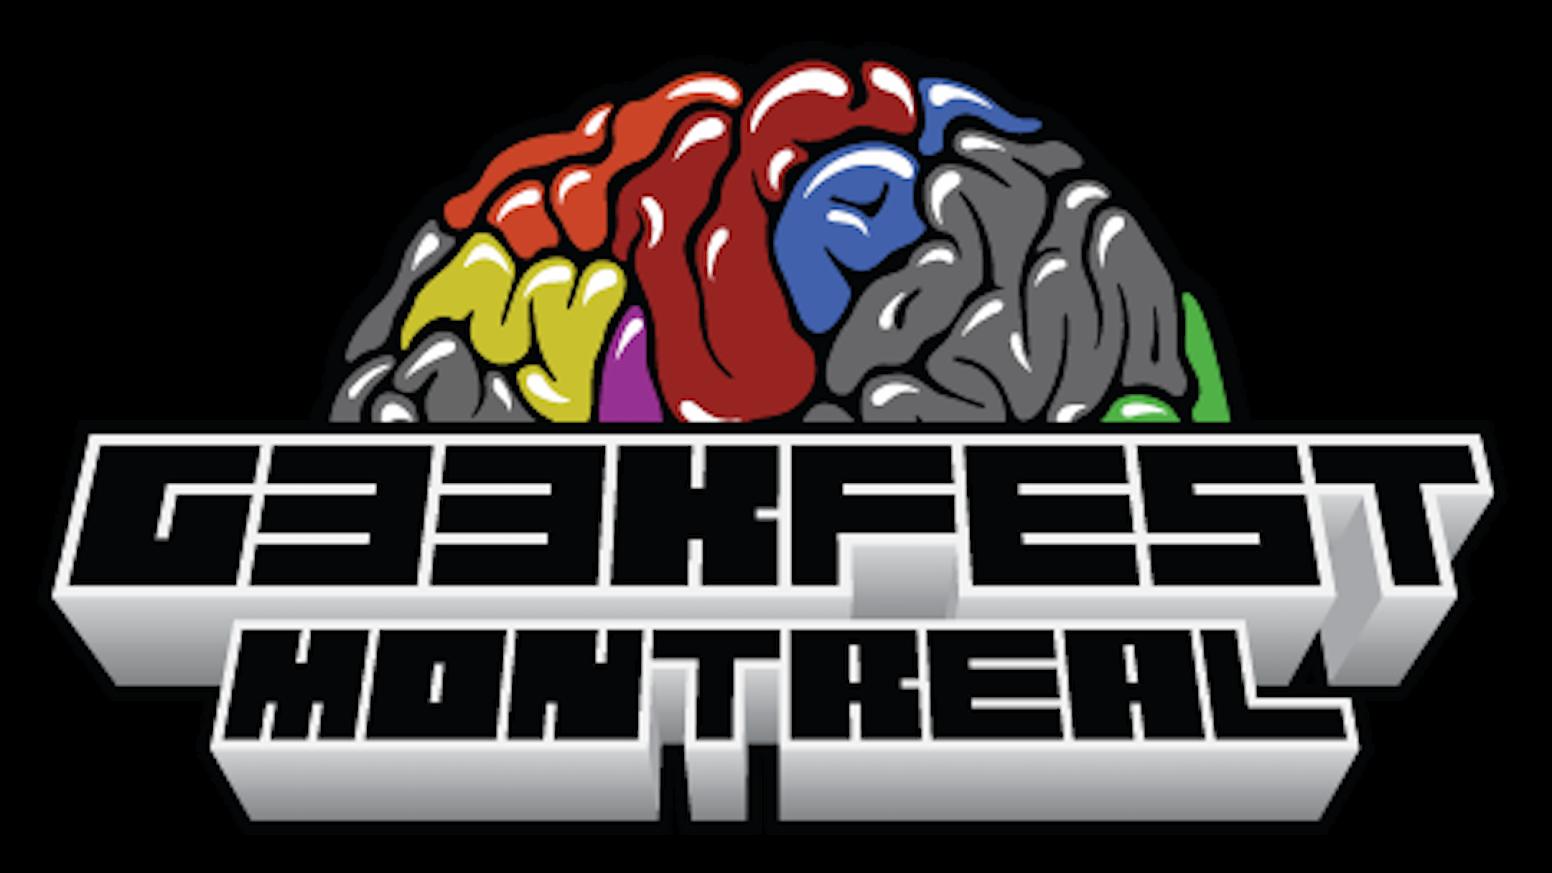 Un GeekFest plus gros, plus ambitieux, mais toujours aussi près de la communauté! Au COLLÈGE DE MAISONNEUVE LES 7 et 8 NOVEMBRE 2015